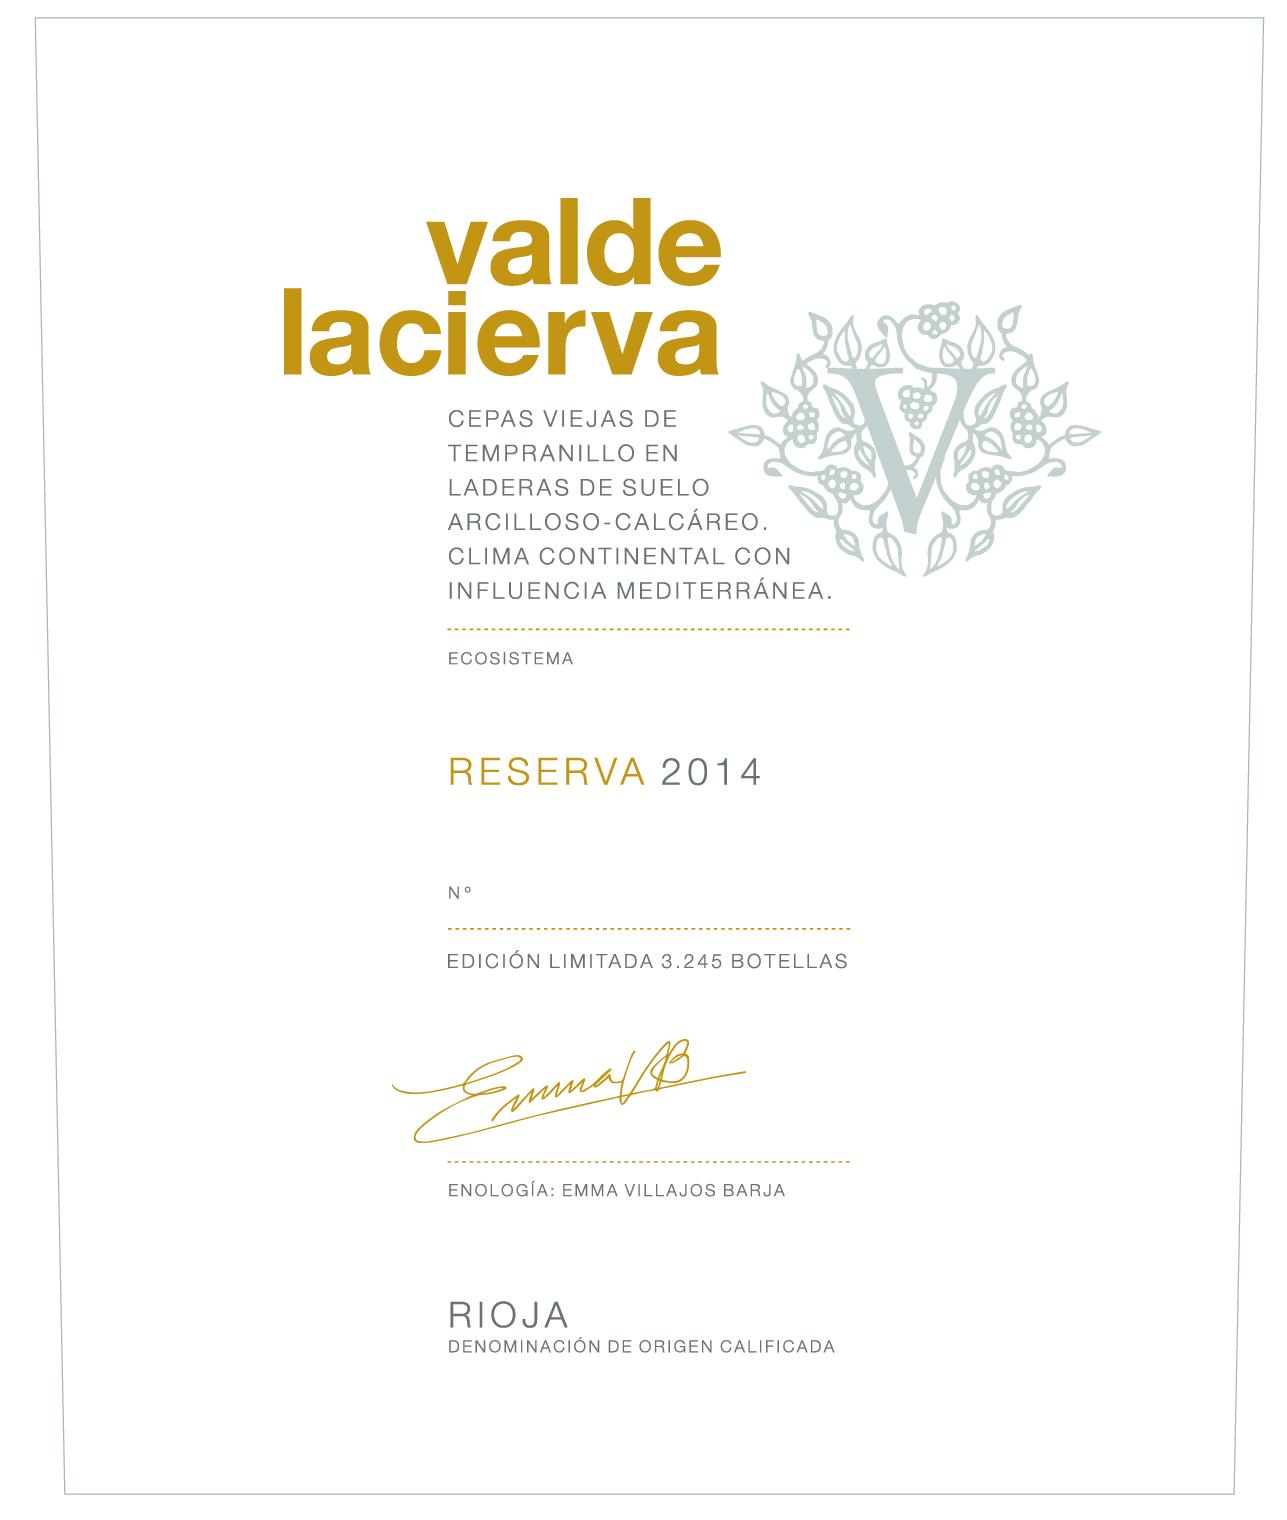 Valdelacierva Reserva Ed. Limitada